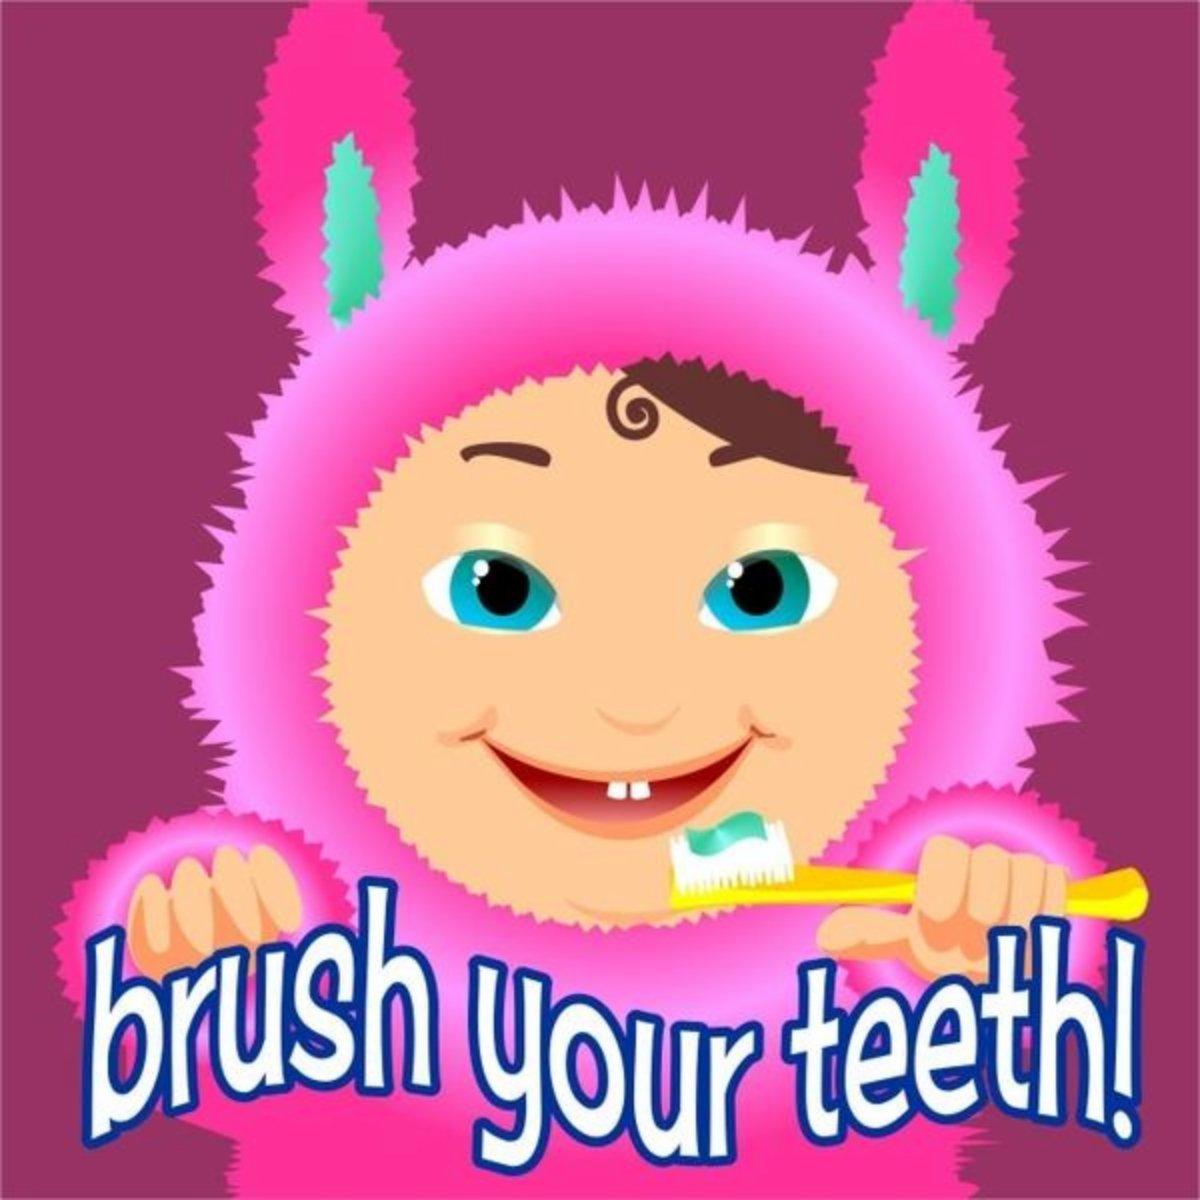 Baby's Toothbrush